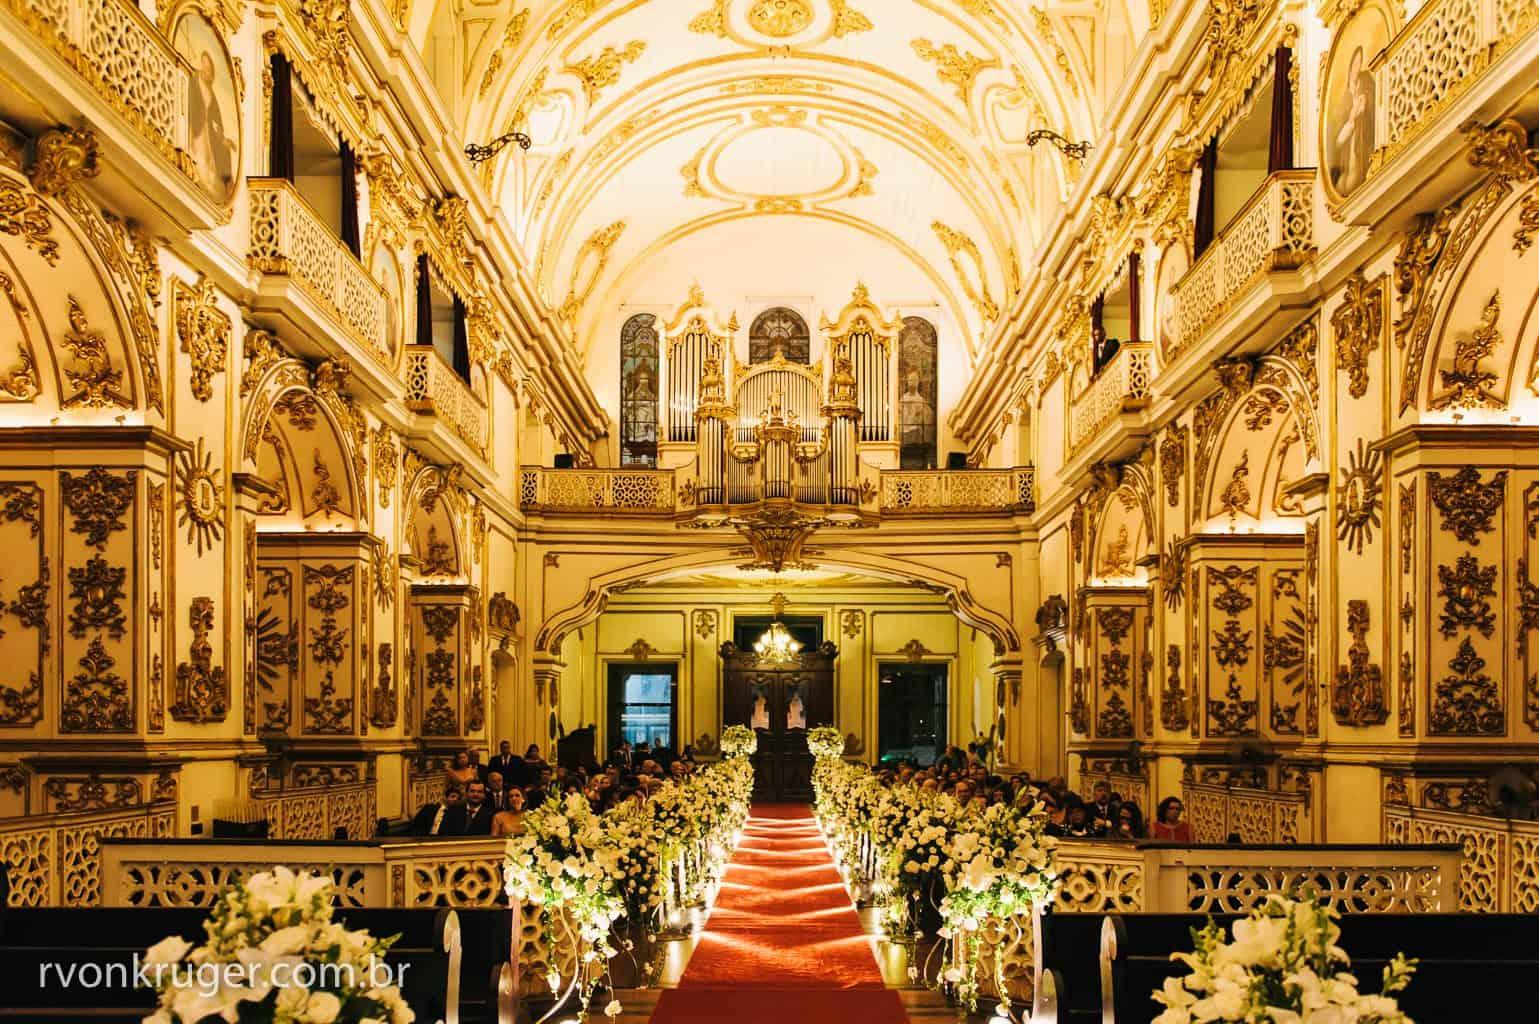 nave-da-igreja